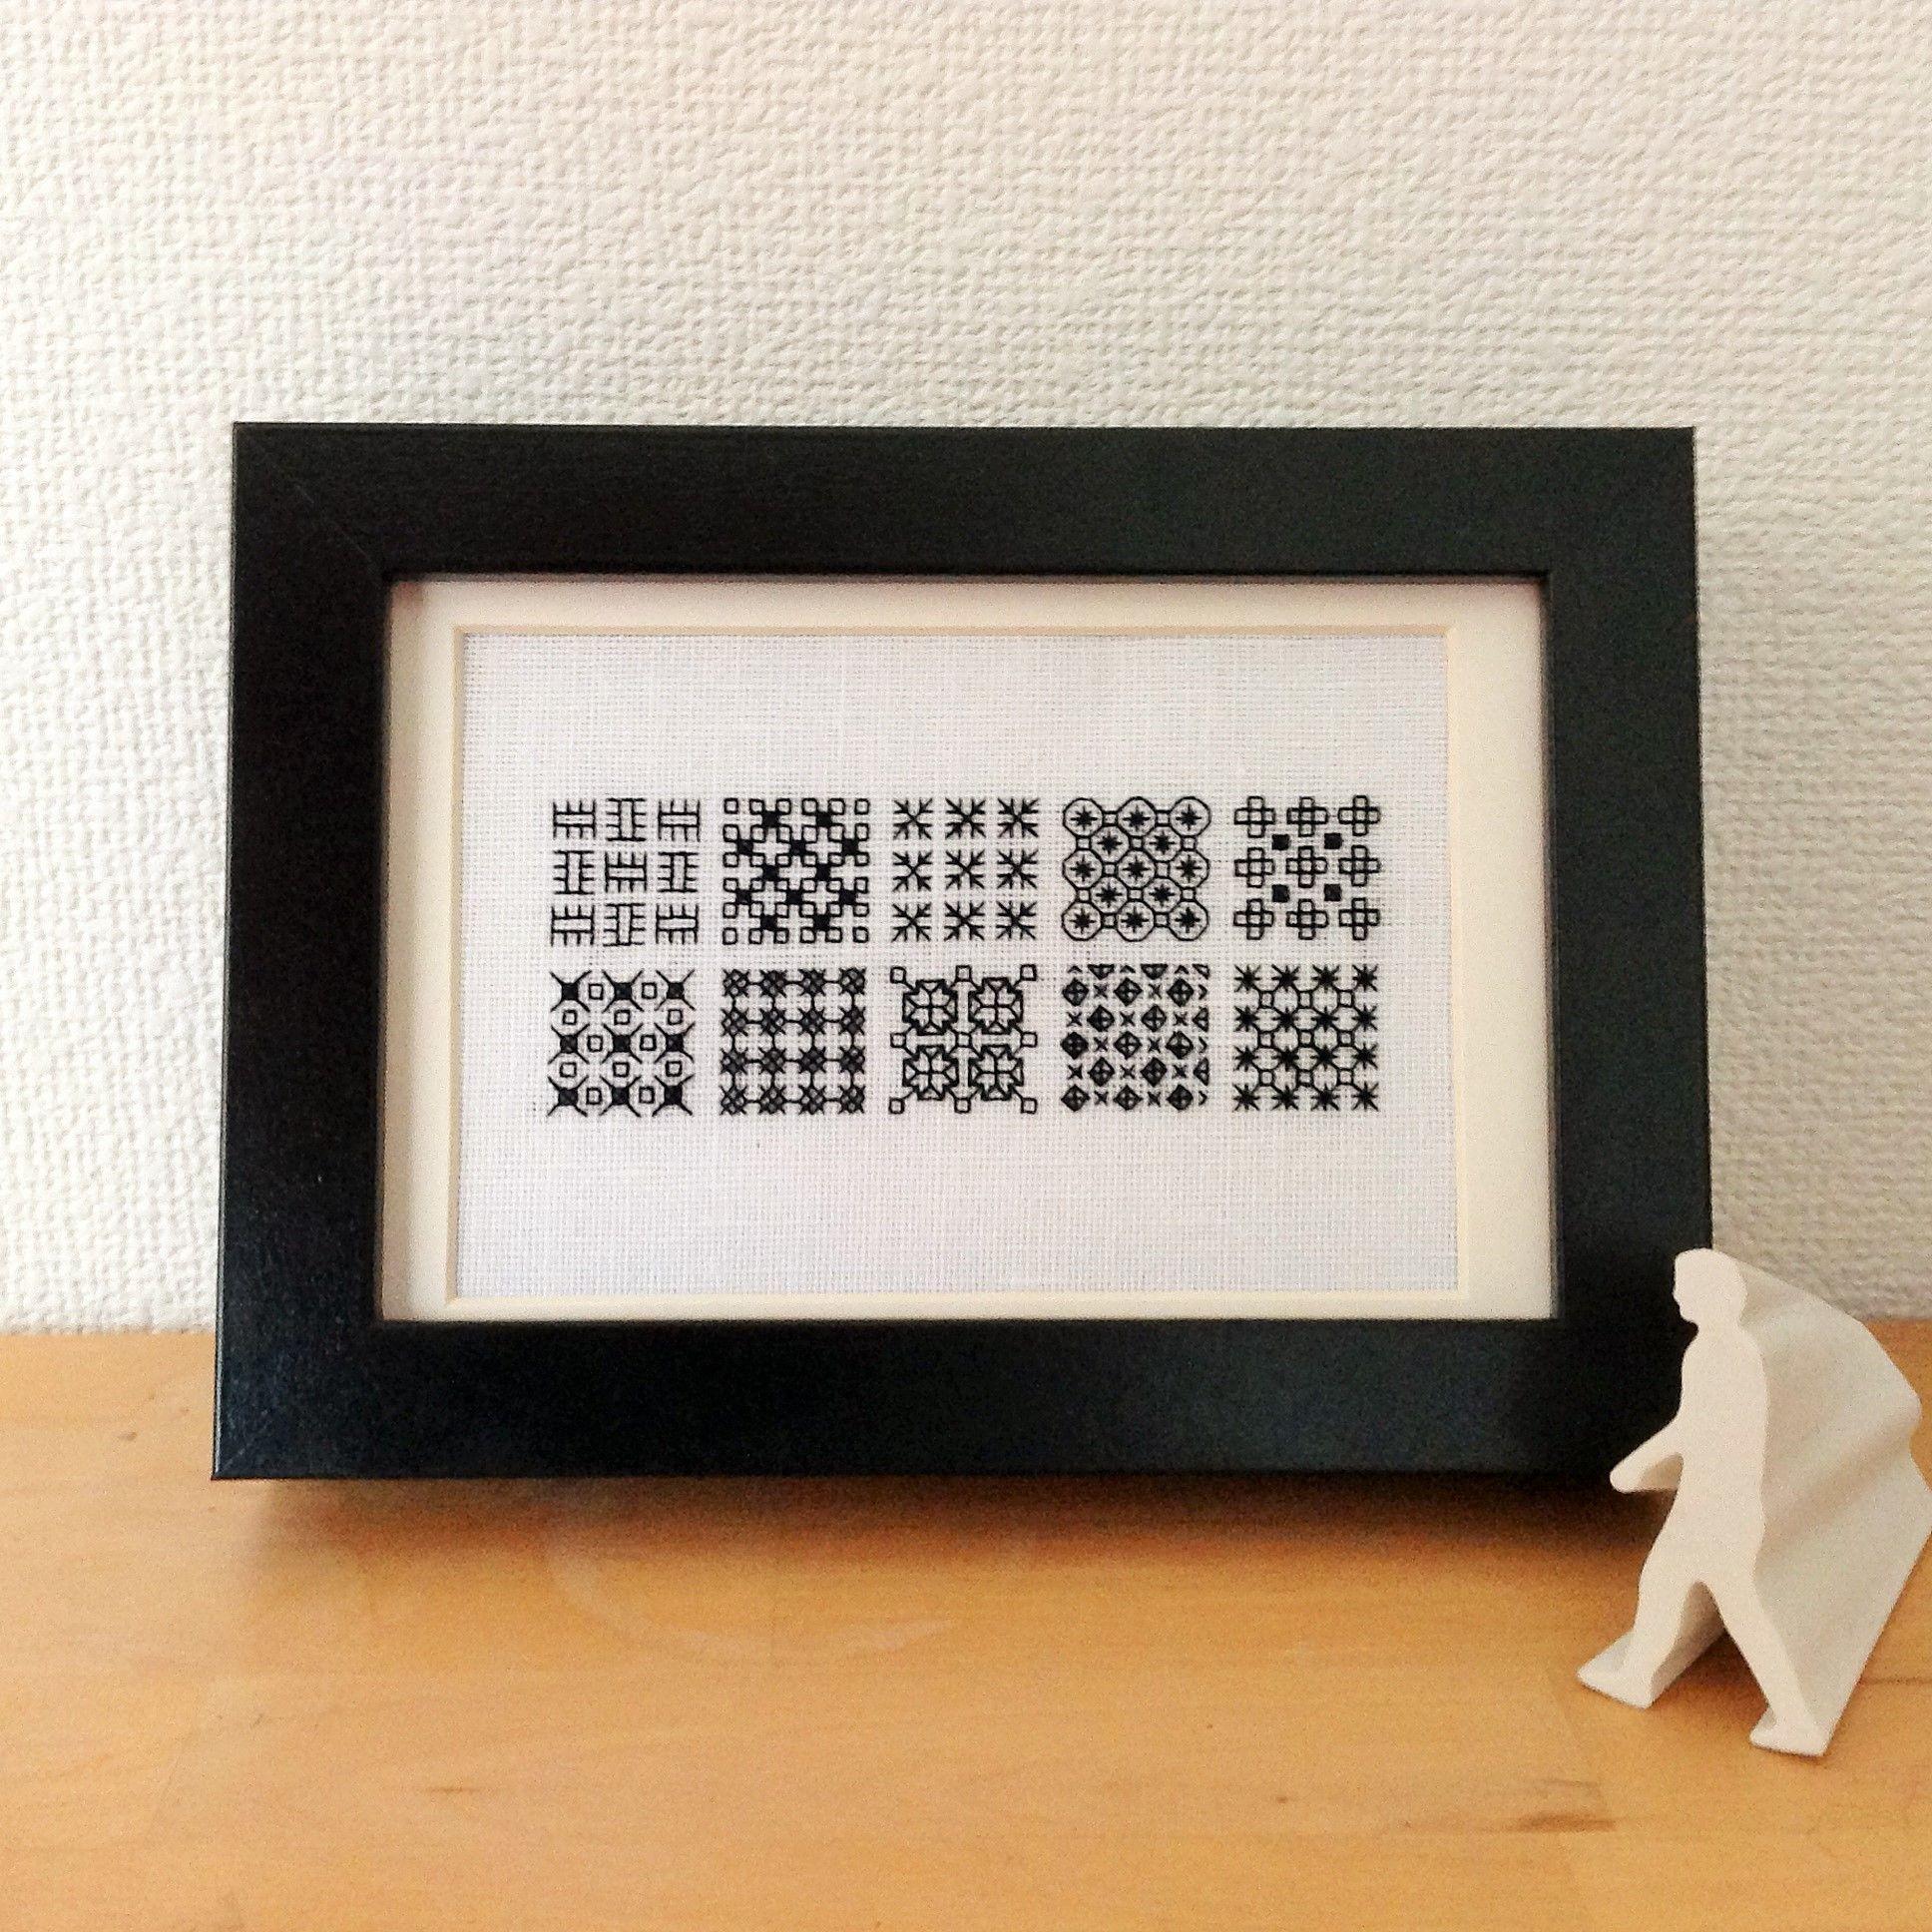 (005)10コのパターンをリネンに刺繍 Photosize 10 Squares Sampler